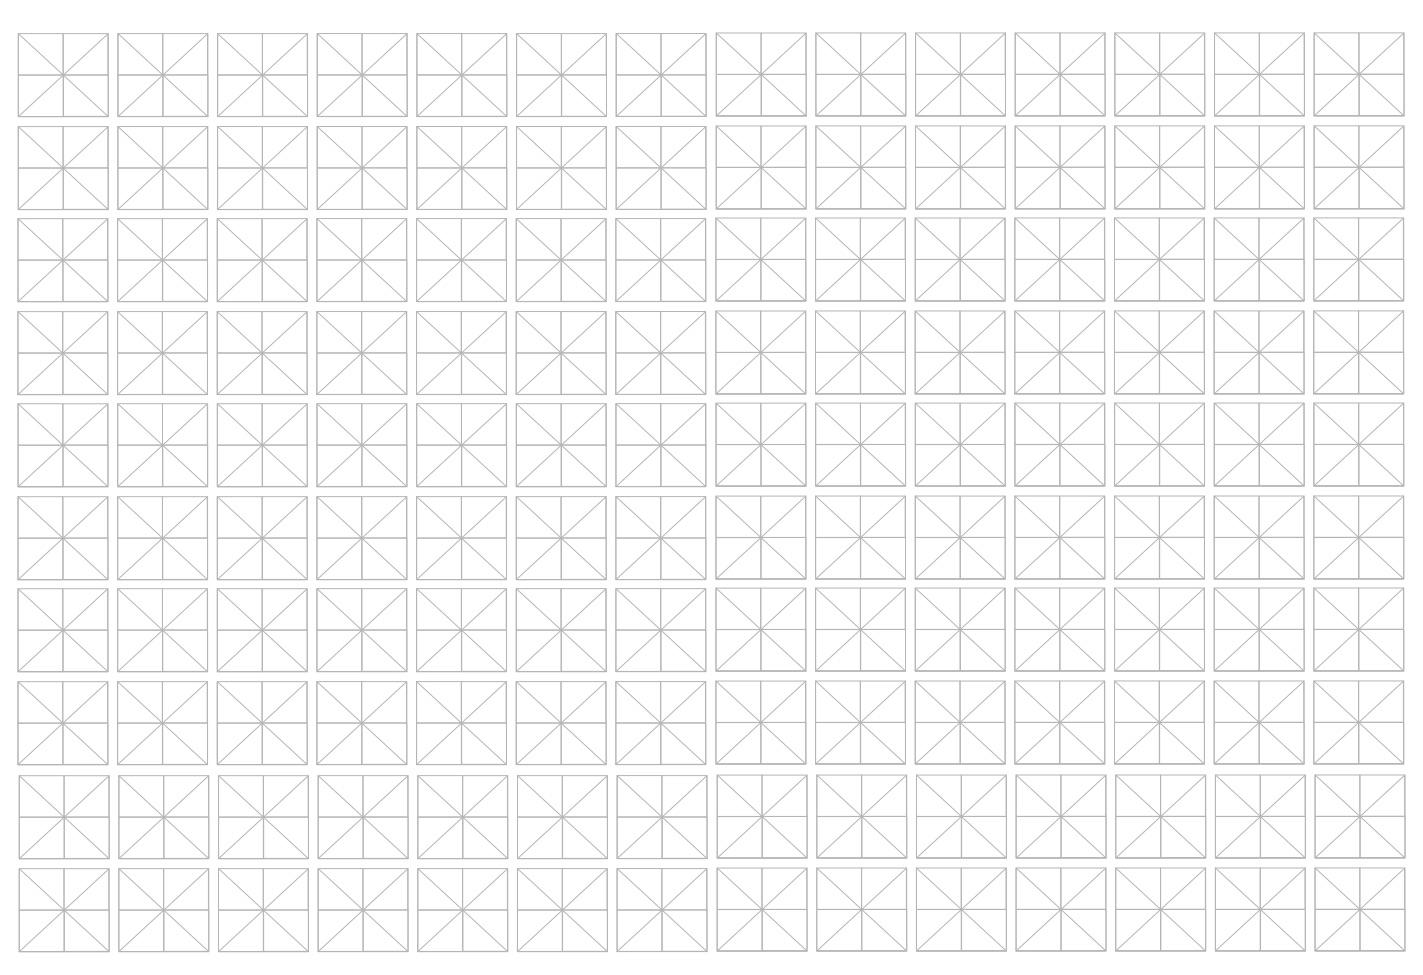 Nett Punkt Papier Vorlage Fotos - Entry Level Resume Vorlagen ...